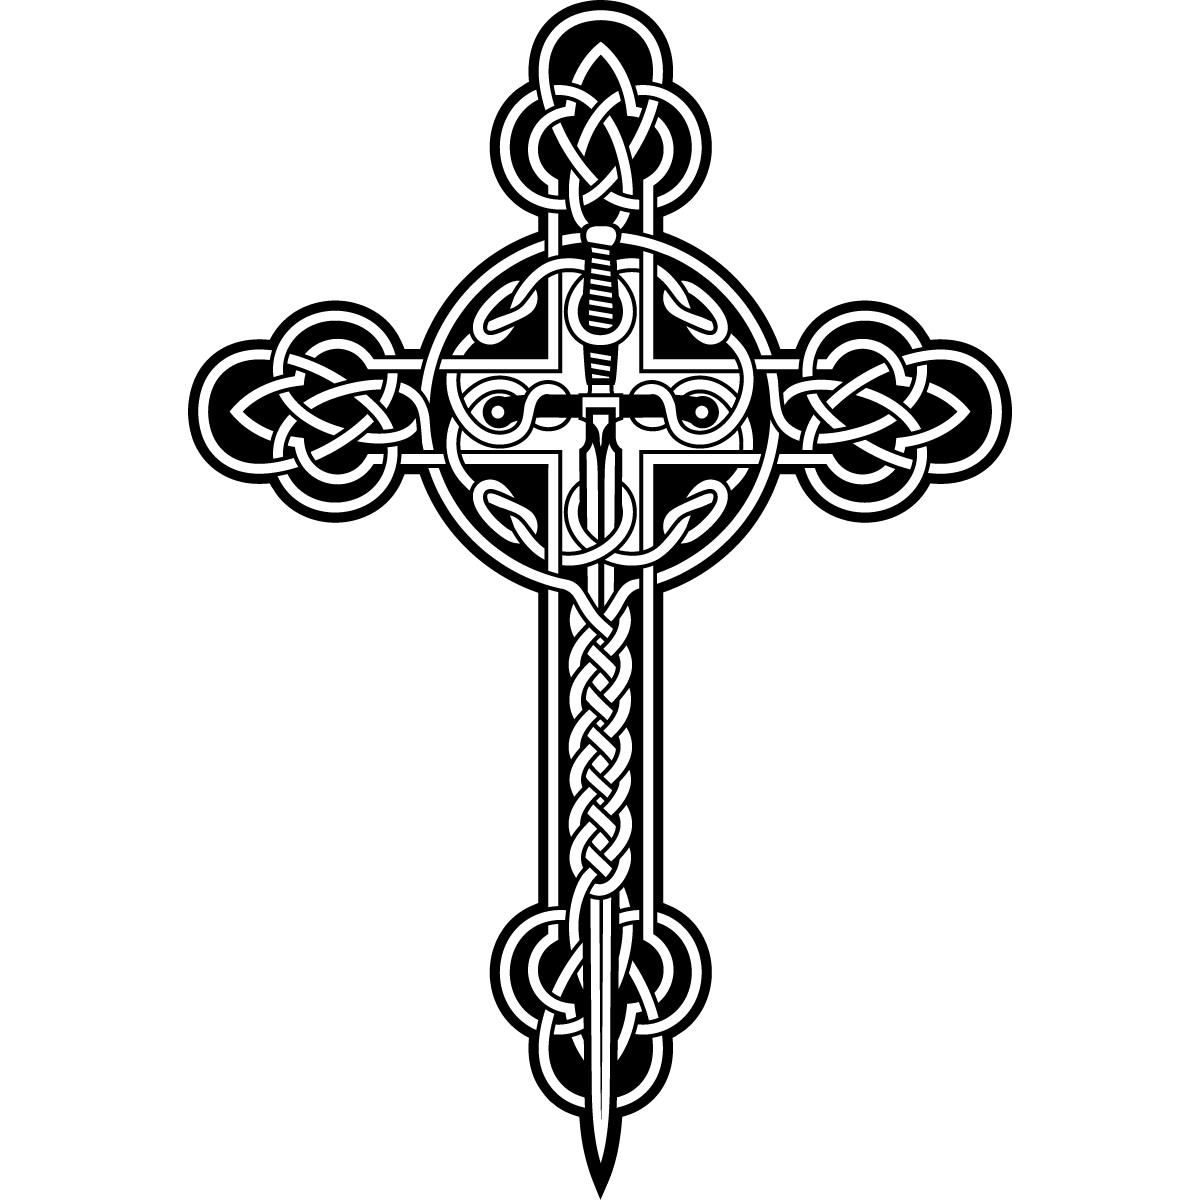 Celtic Cross Clip Art Black And White